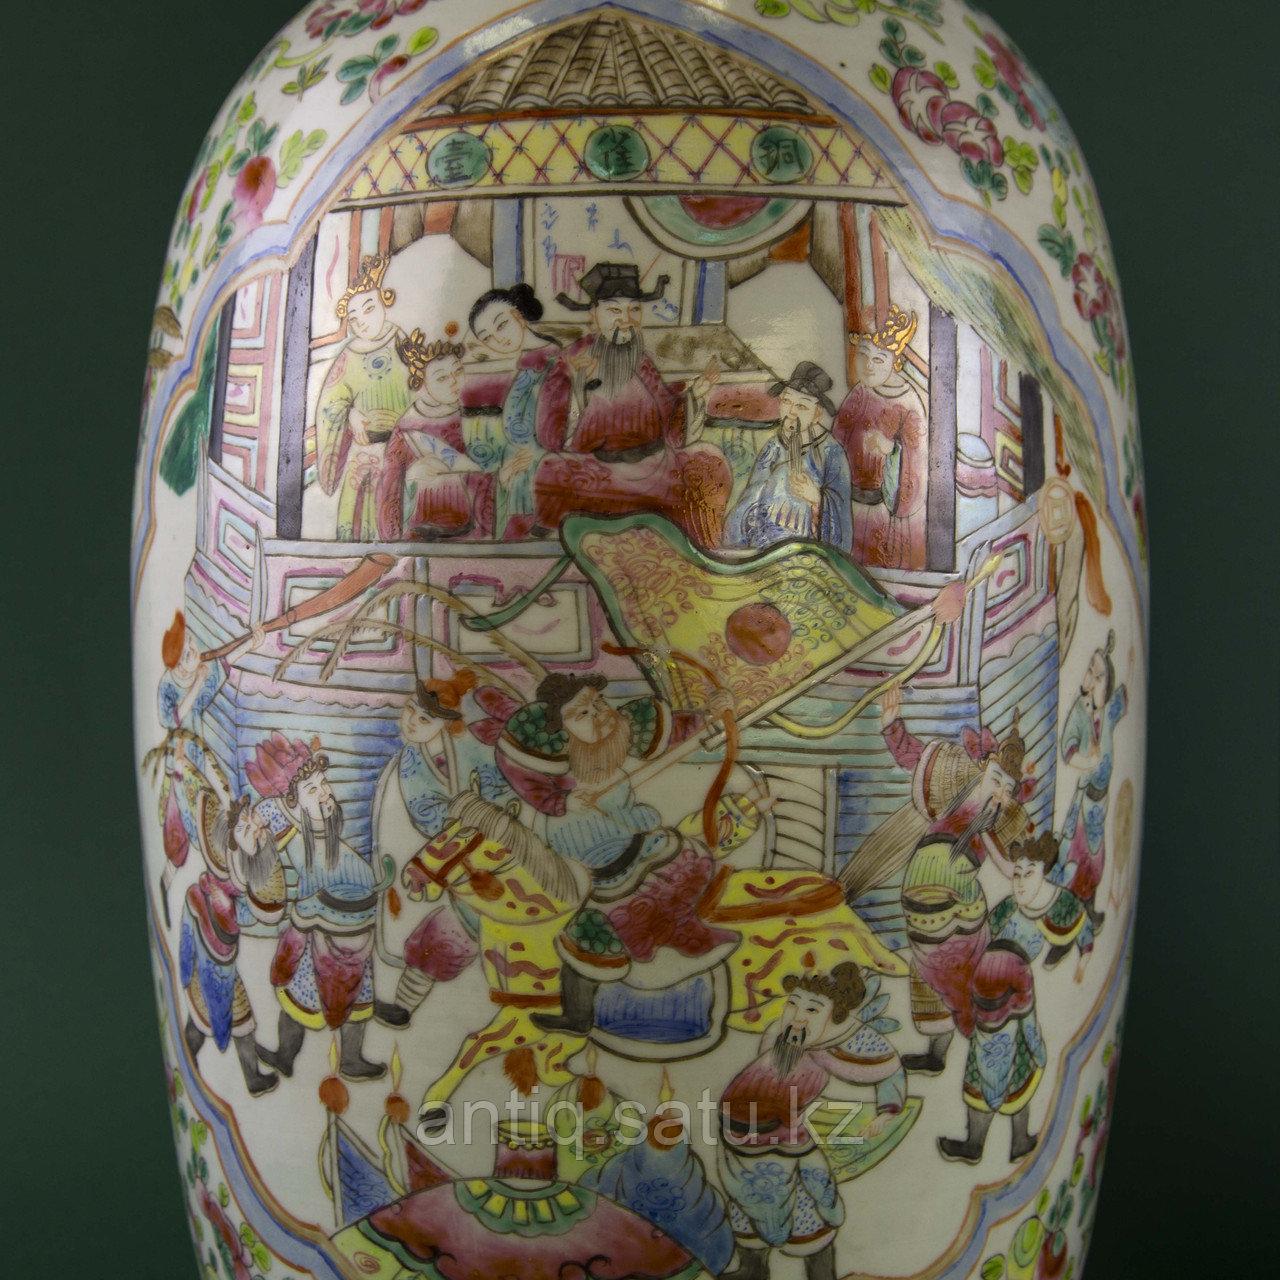 Парадные вазы. Китай. Начало ХХ века - фото 6